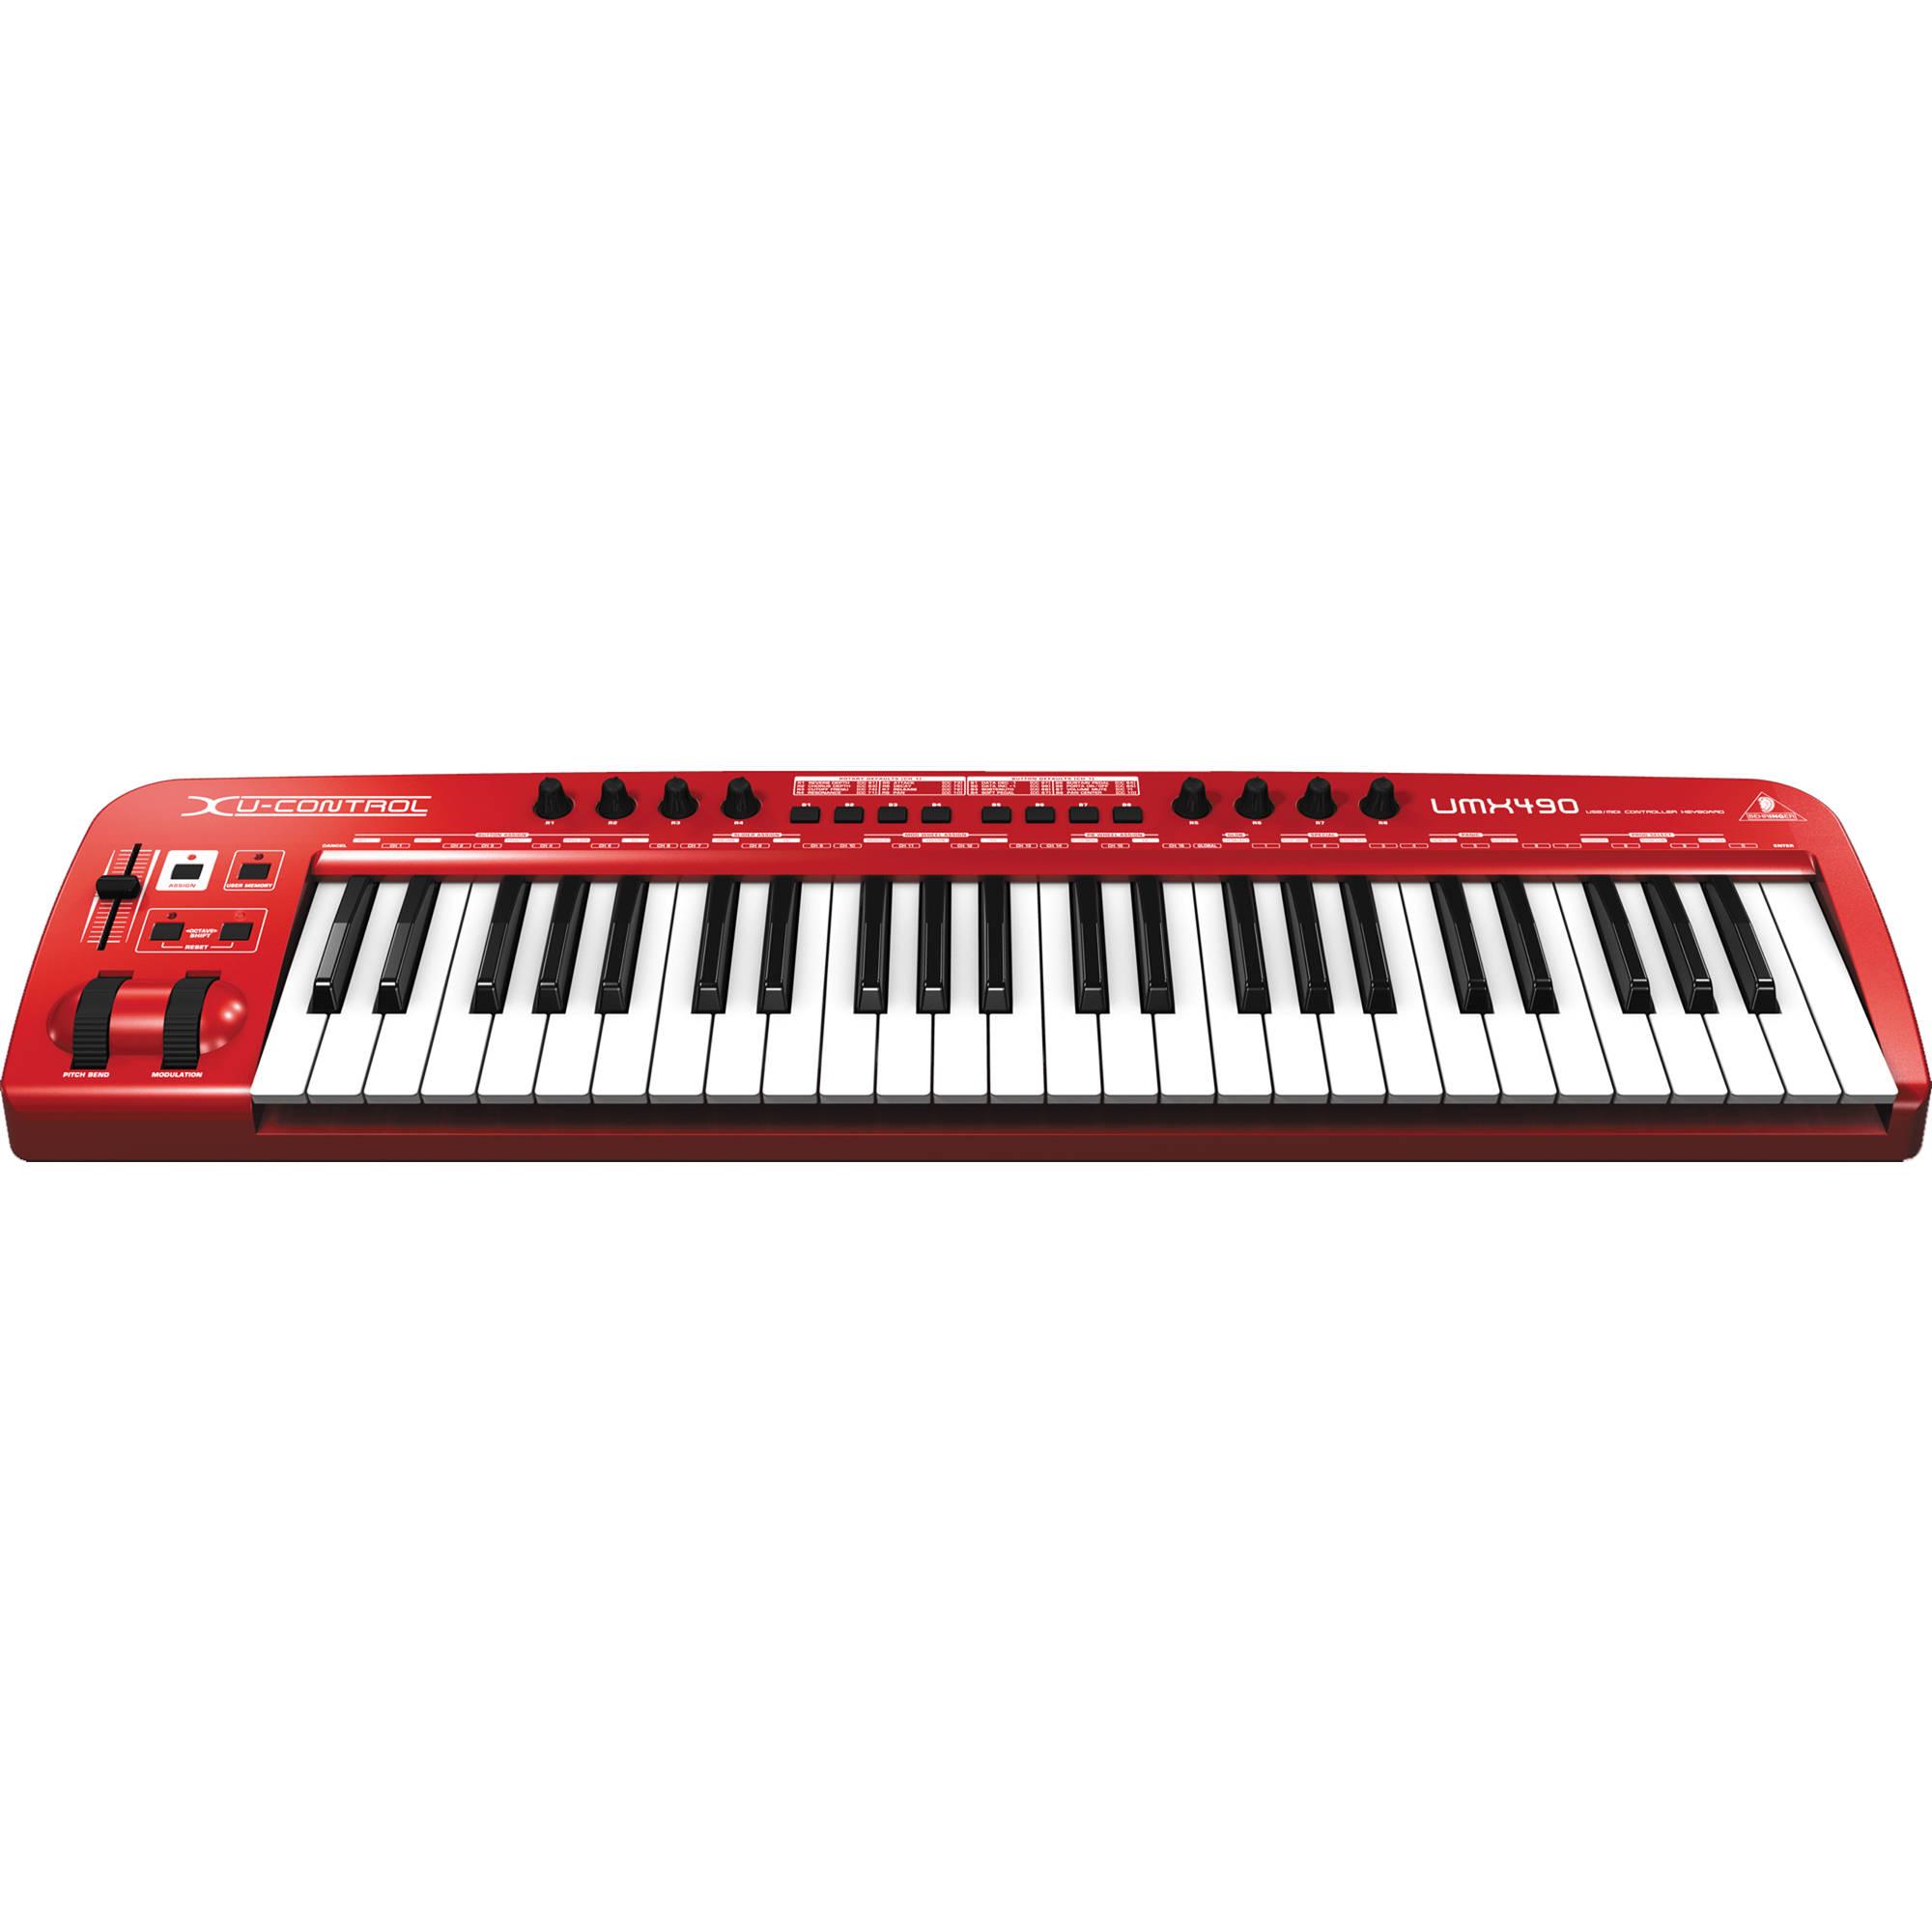 behringer umx490 usb midi keyboard controller umx490 b h photo. Black Bedroom Furniture Sets. Home Design Ideas